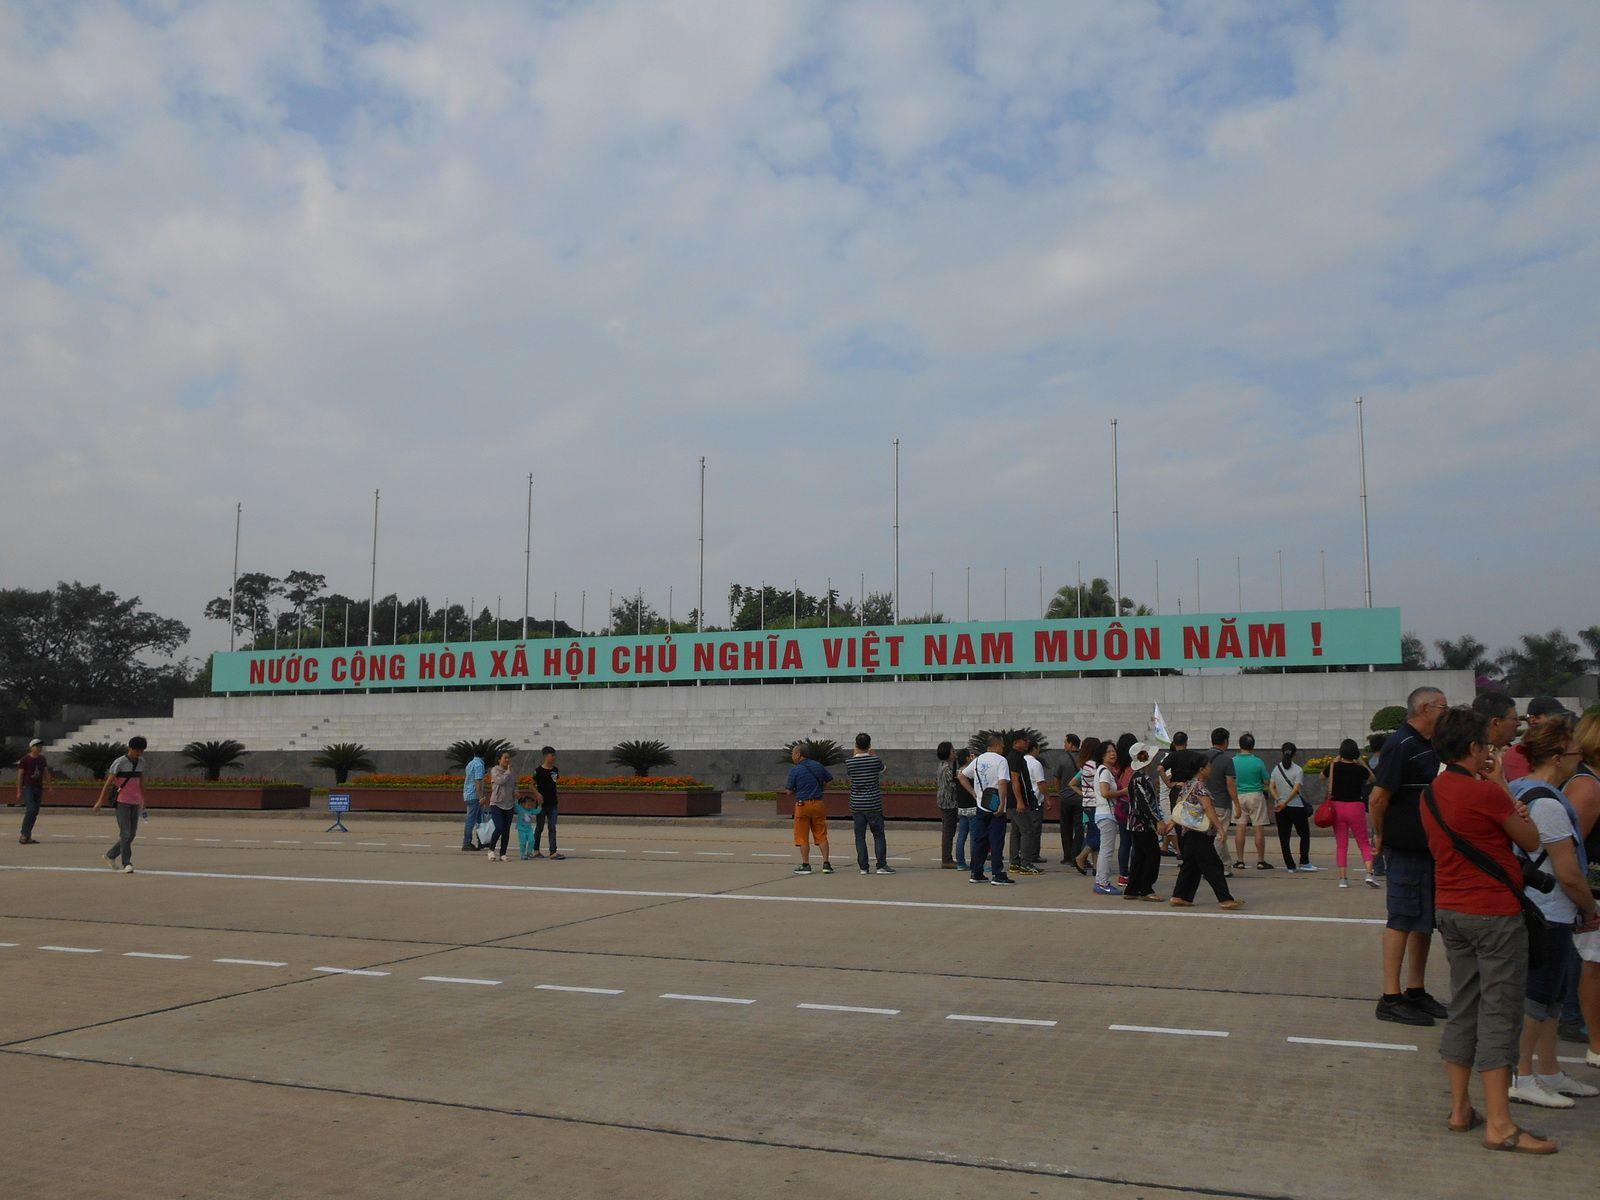 """""""Rien n'est plus précieux que l'indépendance et la liberté"""". Phrase prononcée jadis par le Président Ho Chi Minh et qui figure sur le devant du mausolée."""